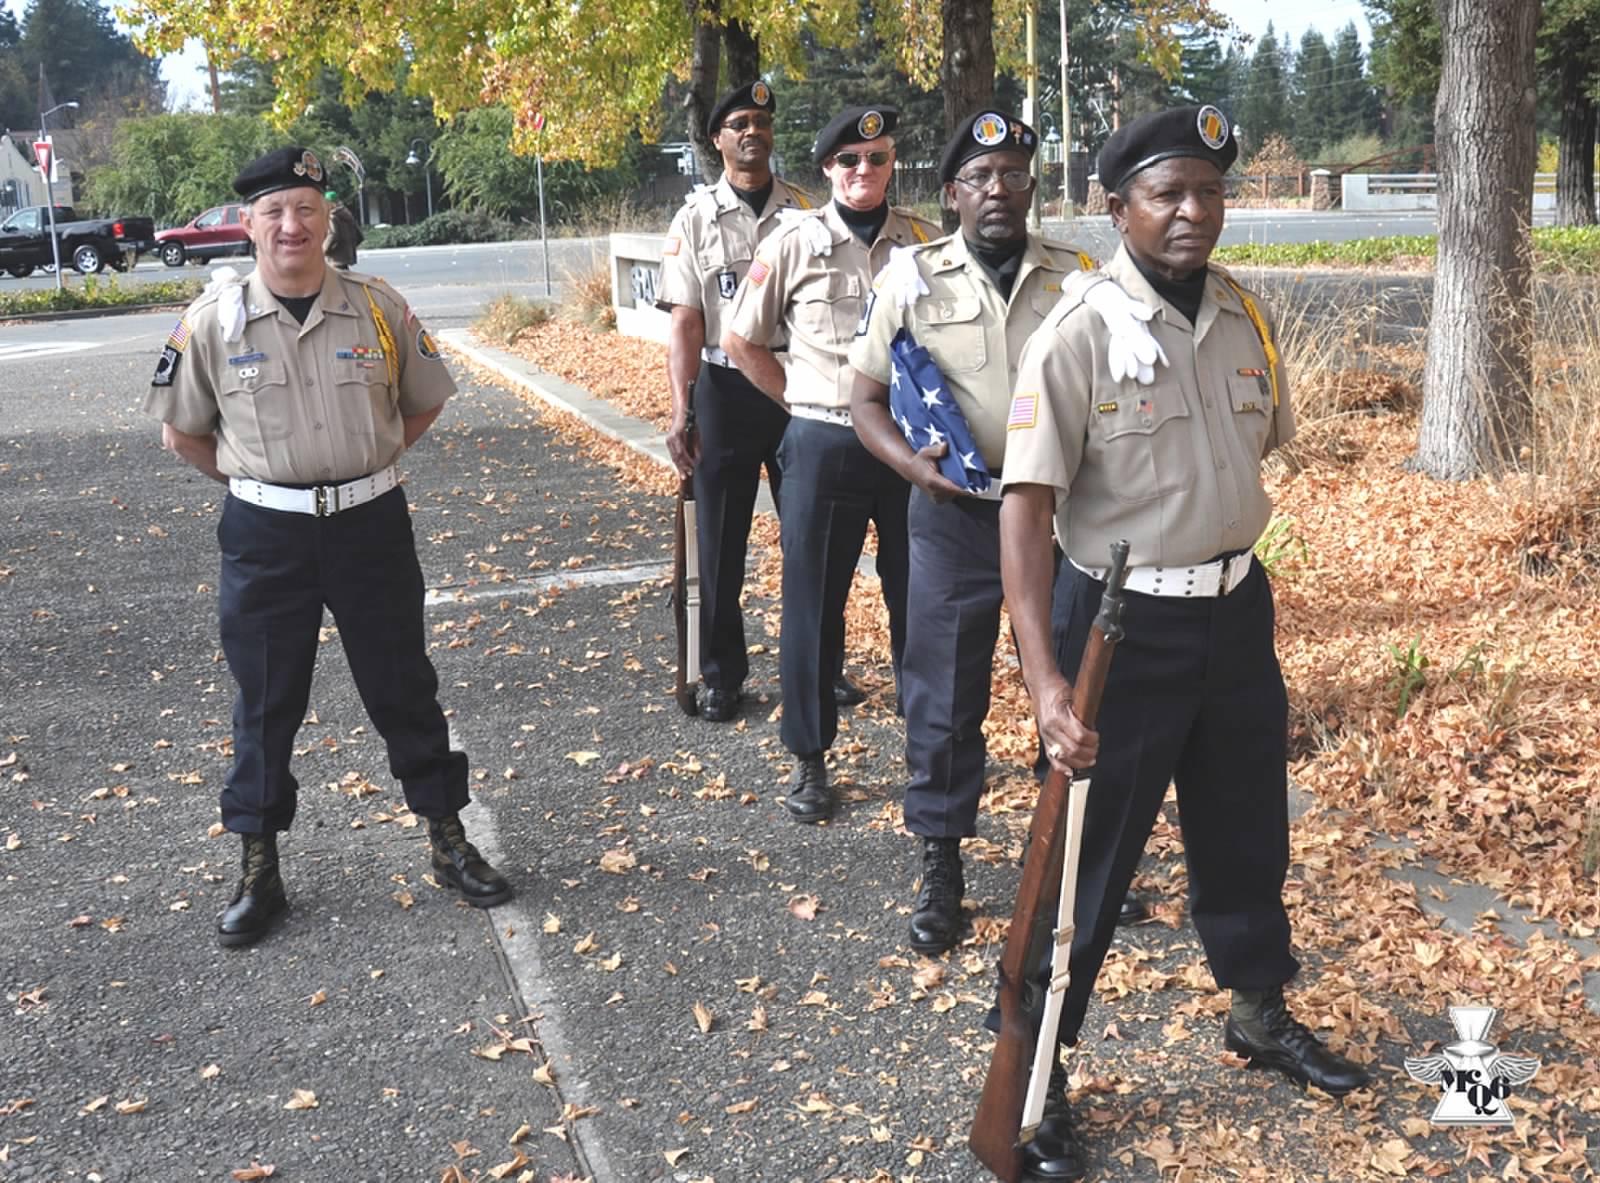 0md - 20131111 - Veterans Day - 0005